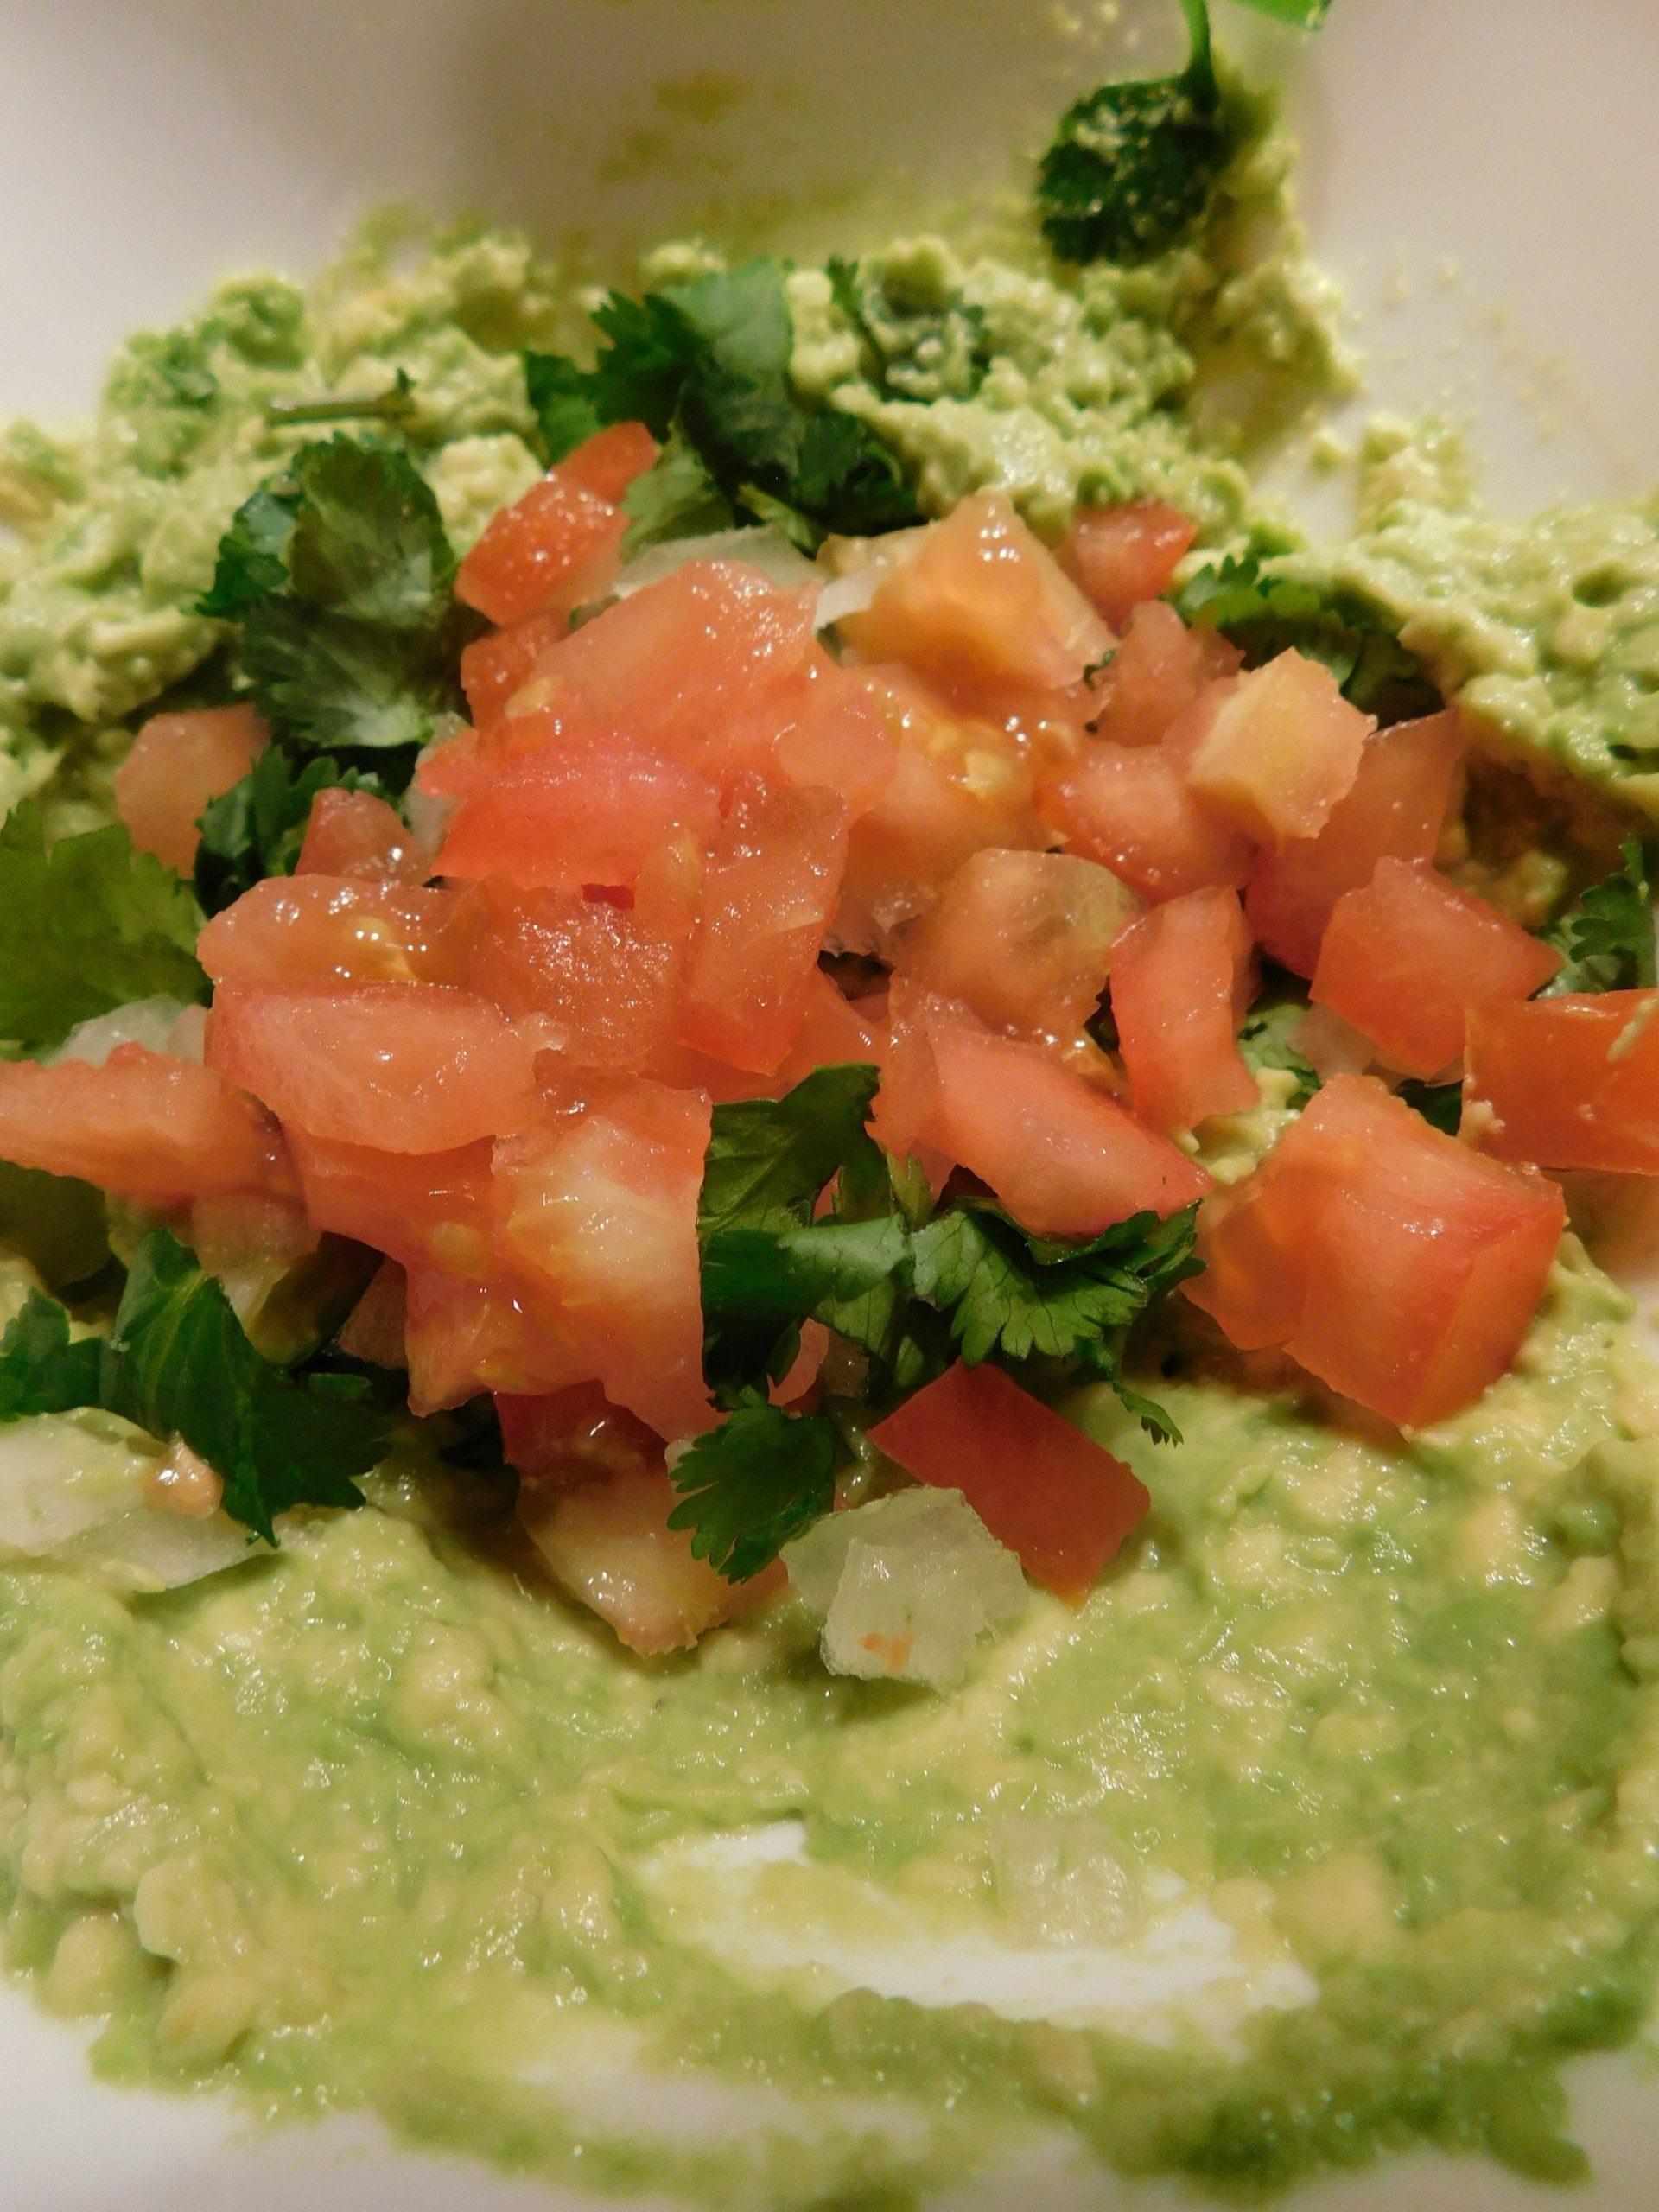 Simple Guacamole Recipe with One Avocado